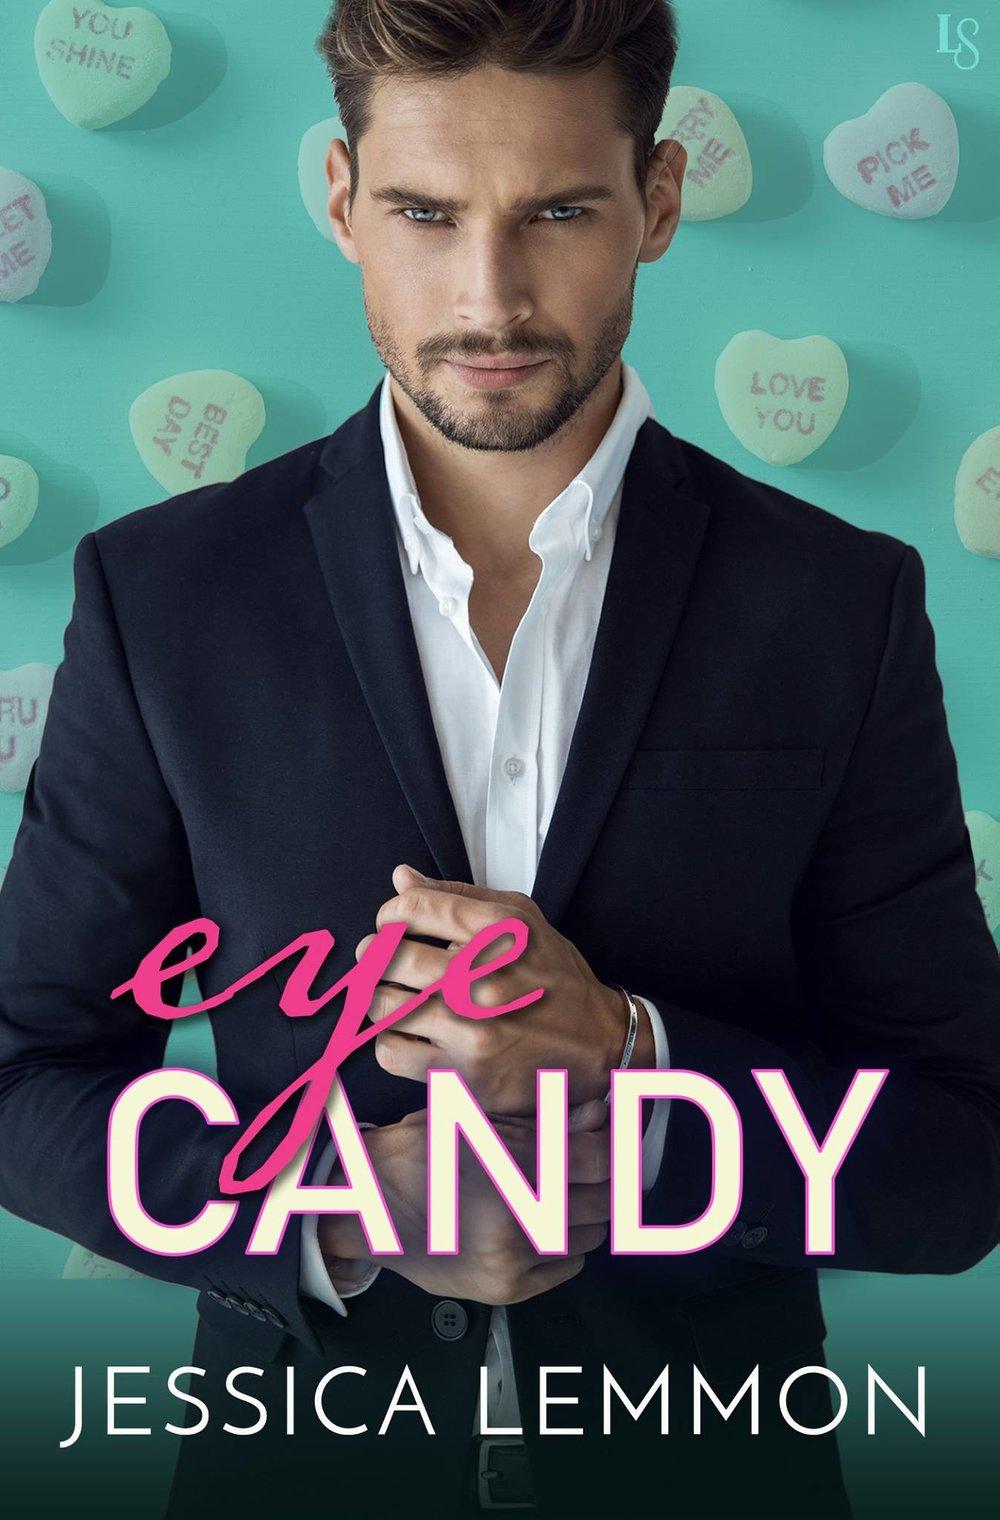 Eye Candy LG.jpg